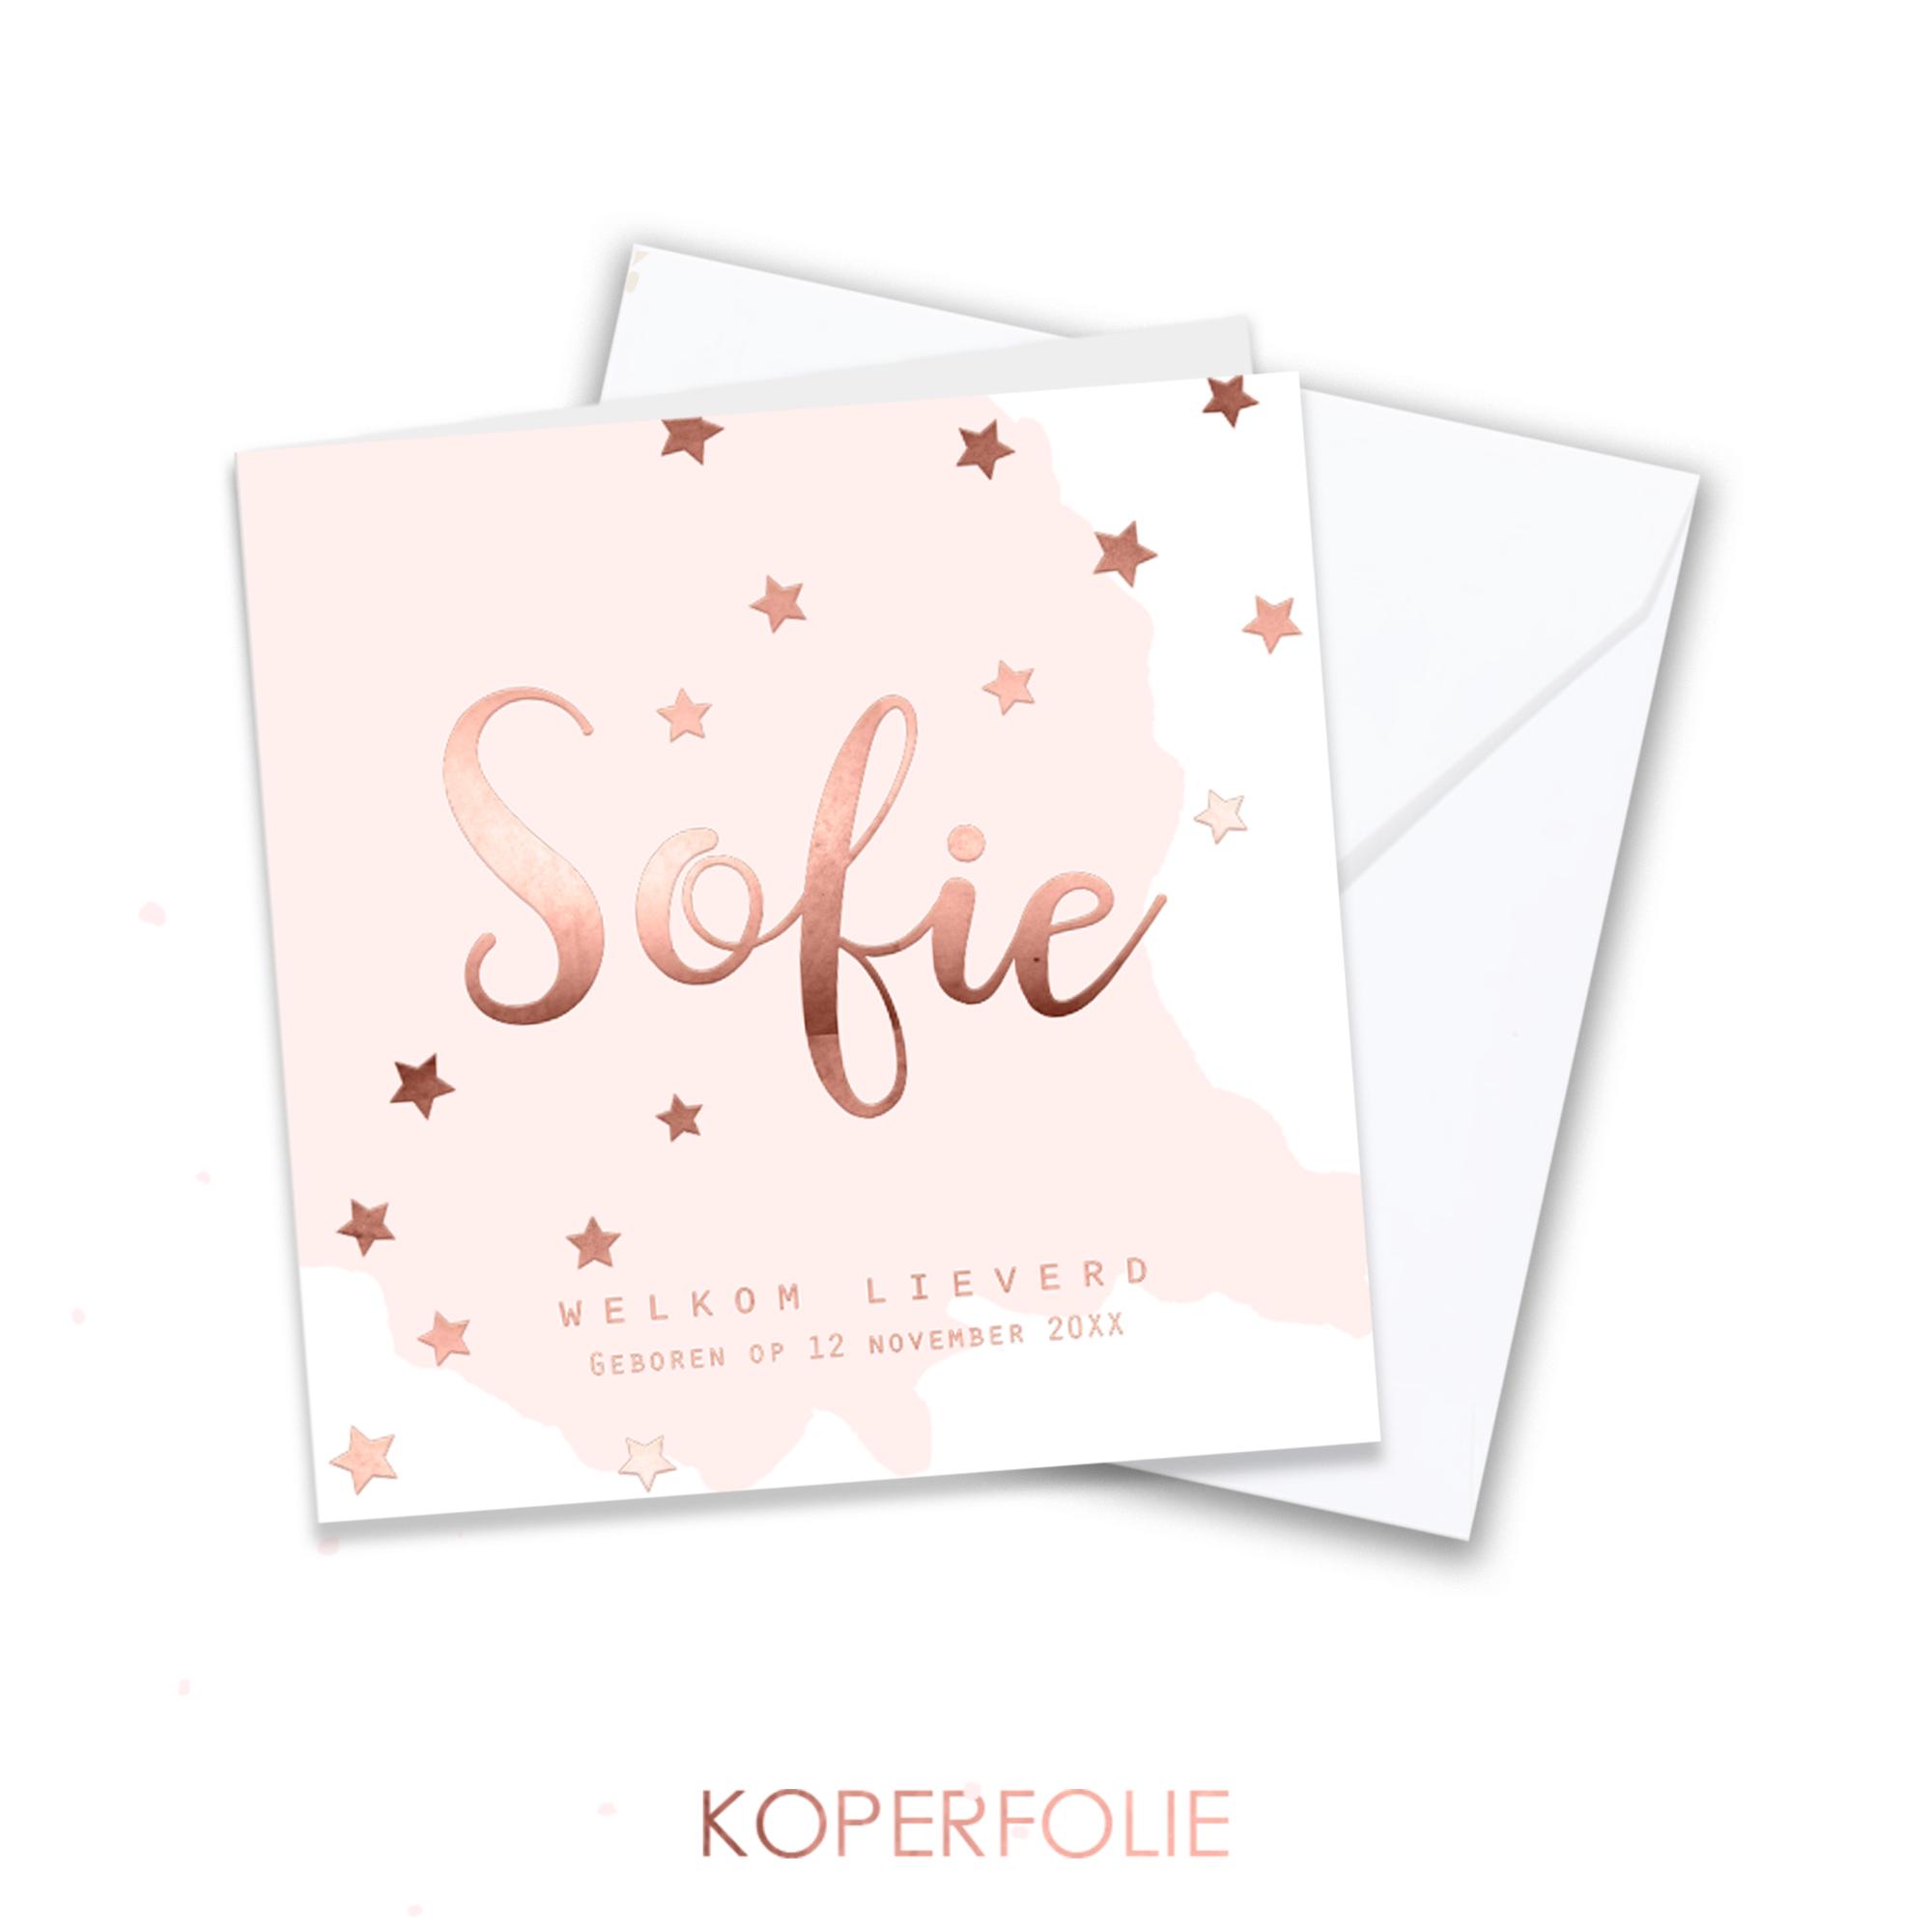 Koperfolie geboortekaart met rosegold elementen op roze vlek